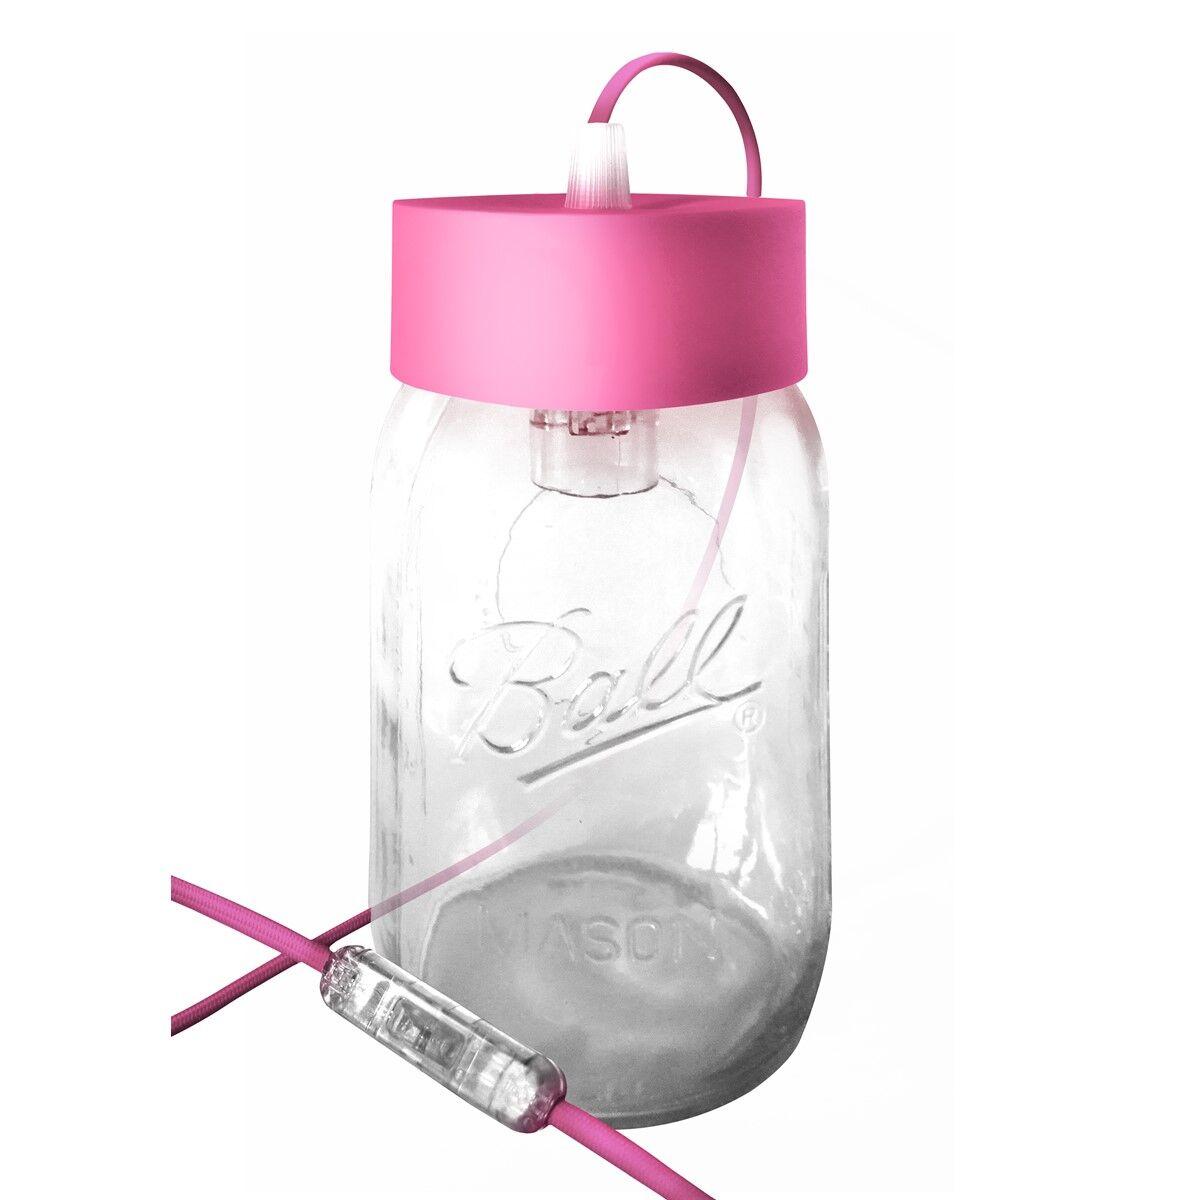 Fenel & Arno Lampe bocal en verre rose fuschia